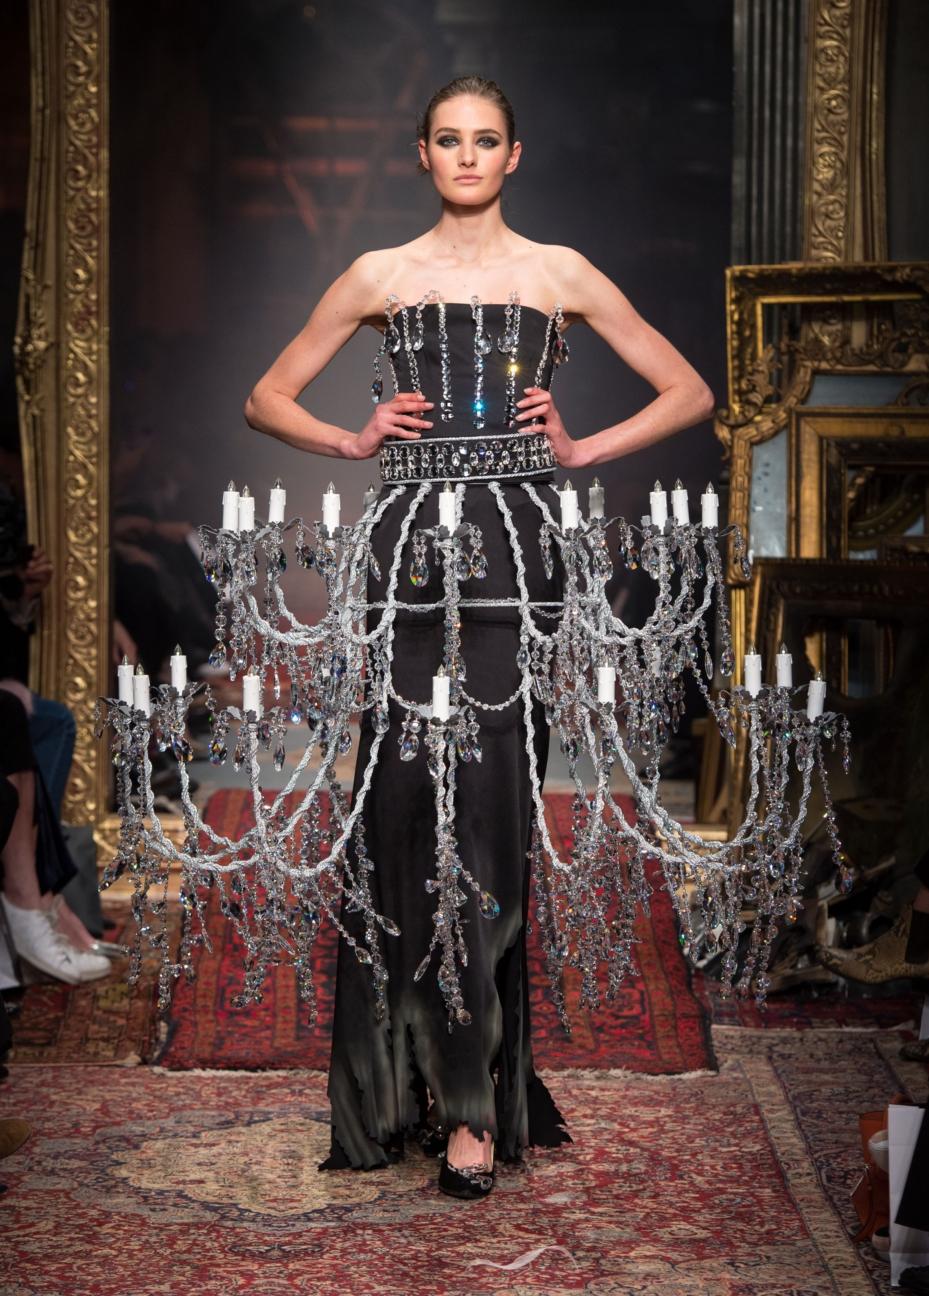 moschino-milan-fashion-week-aw-16-50